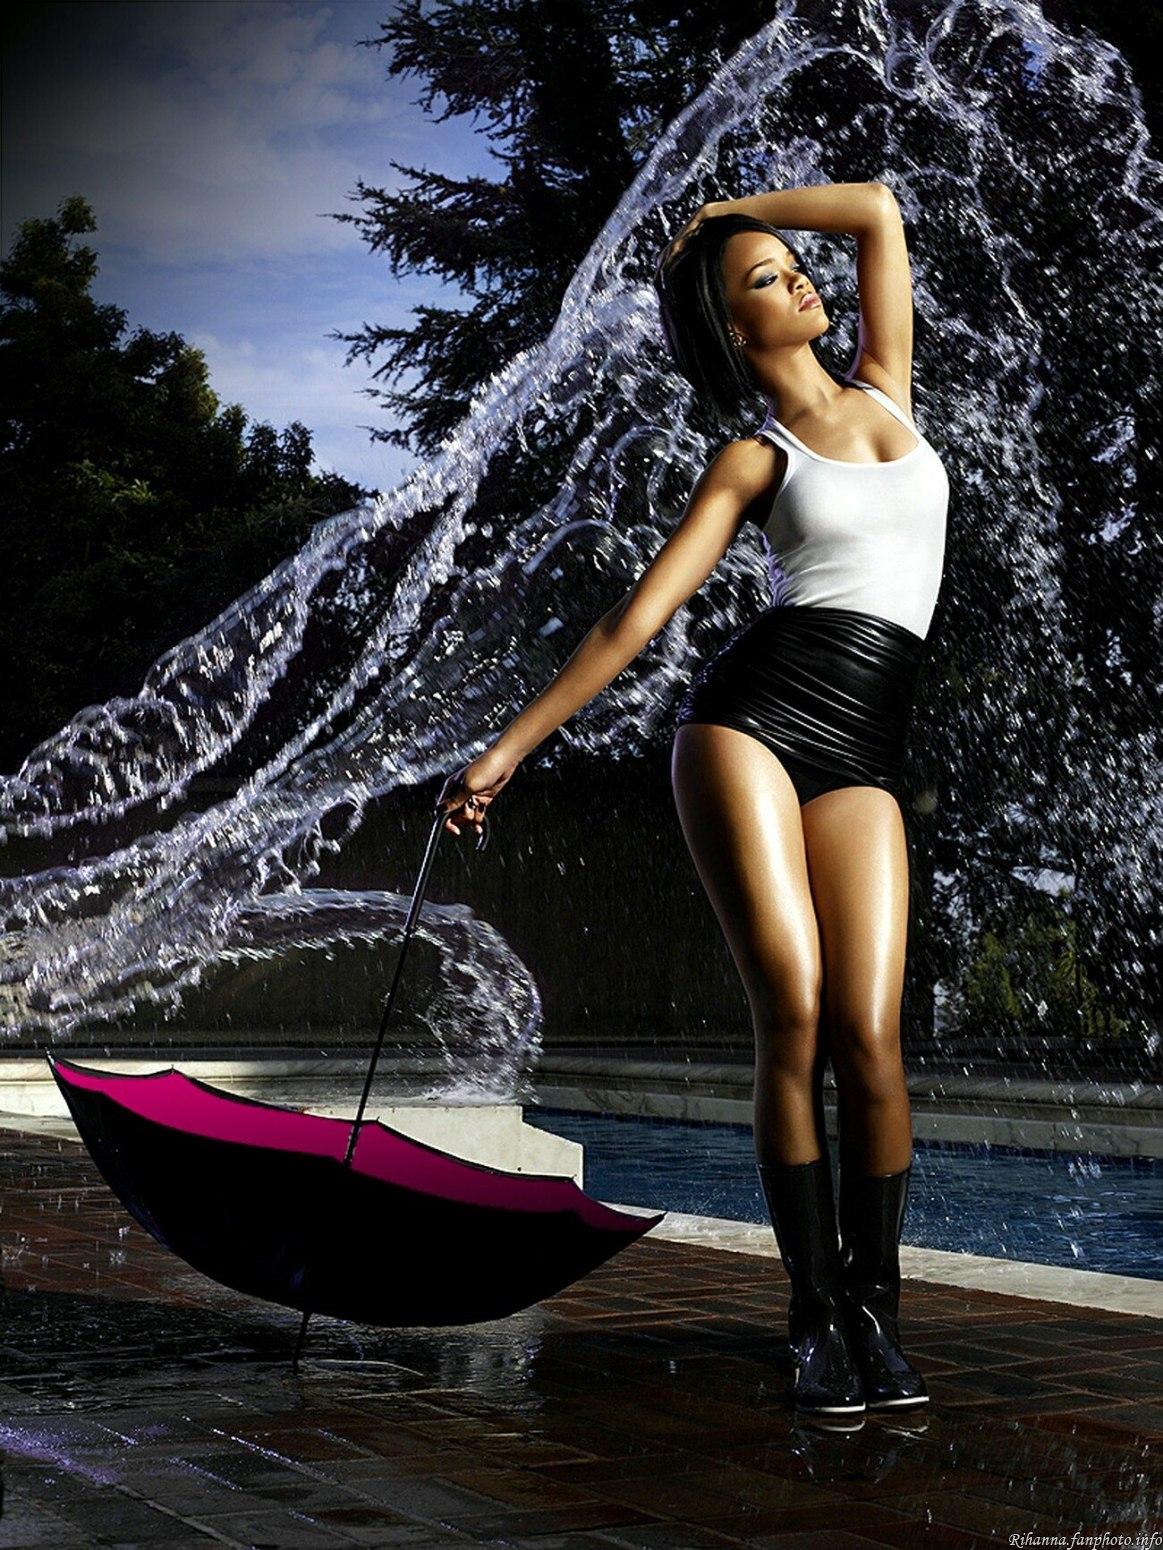 http://2.bp.blogspot.com/-6BcB2t9QBxE/TpkQ6KkutzI/AAAAAAAAFEY/de2hdD8Oi_g/s1600/Rihanna%2BUmbrella%2BWallpaper%2B3.jpg